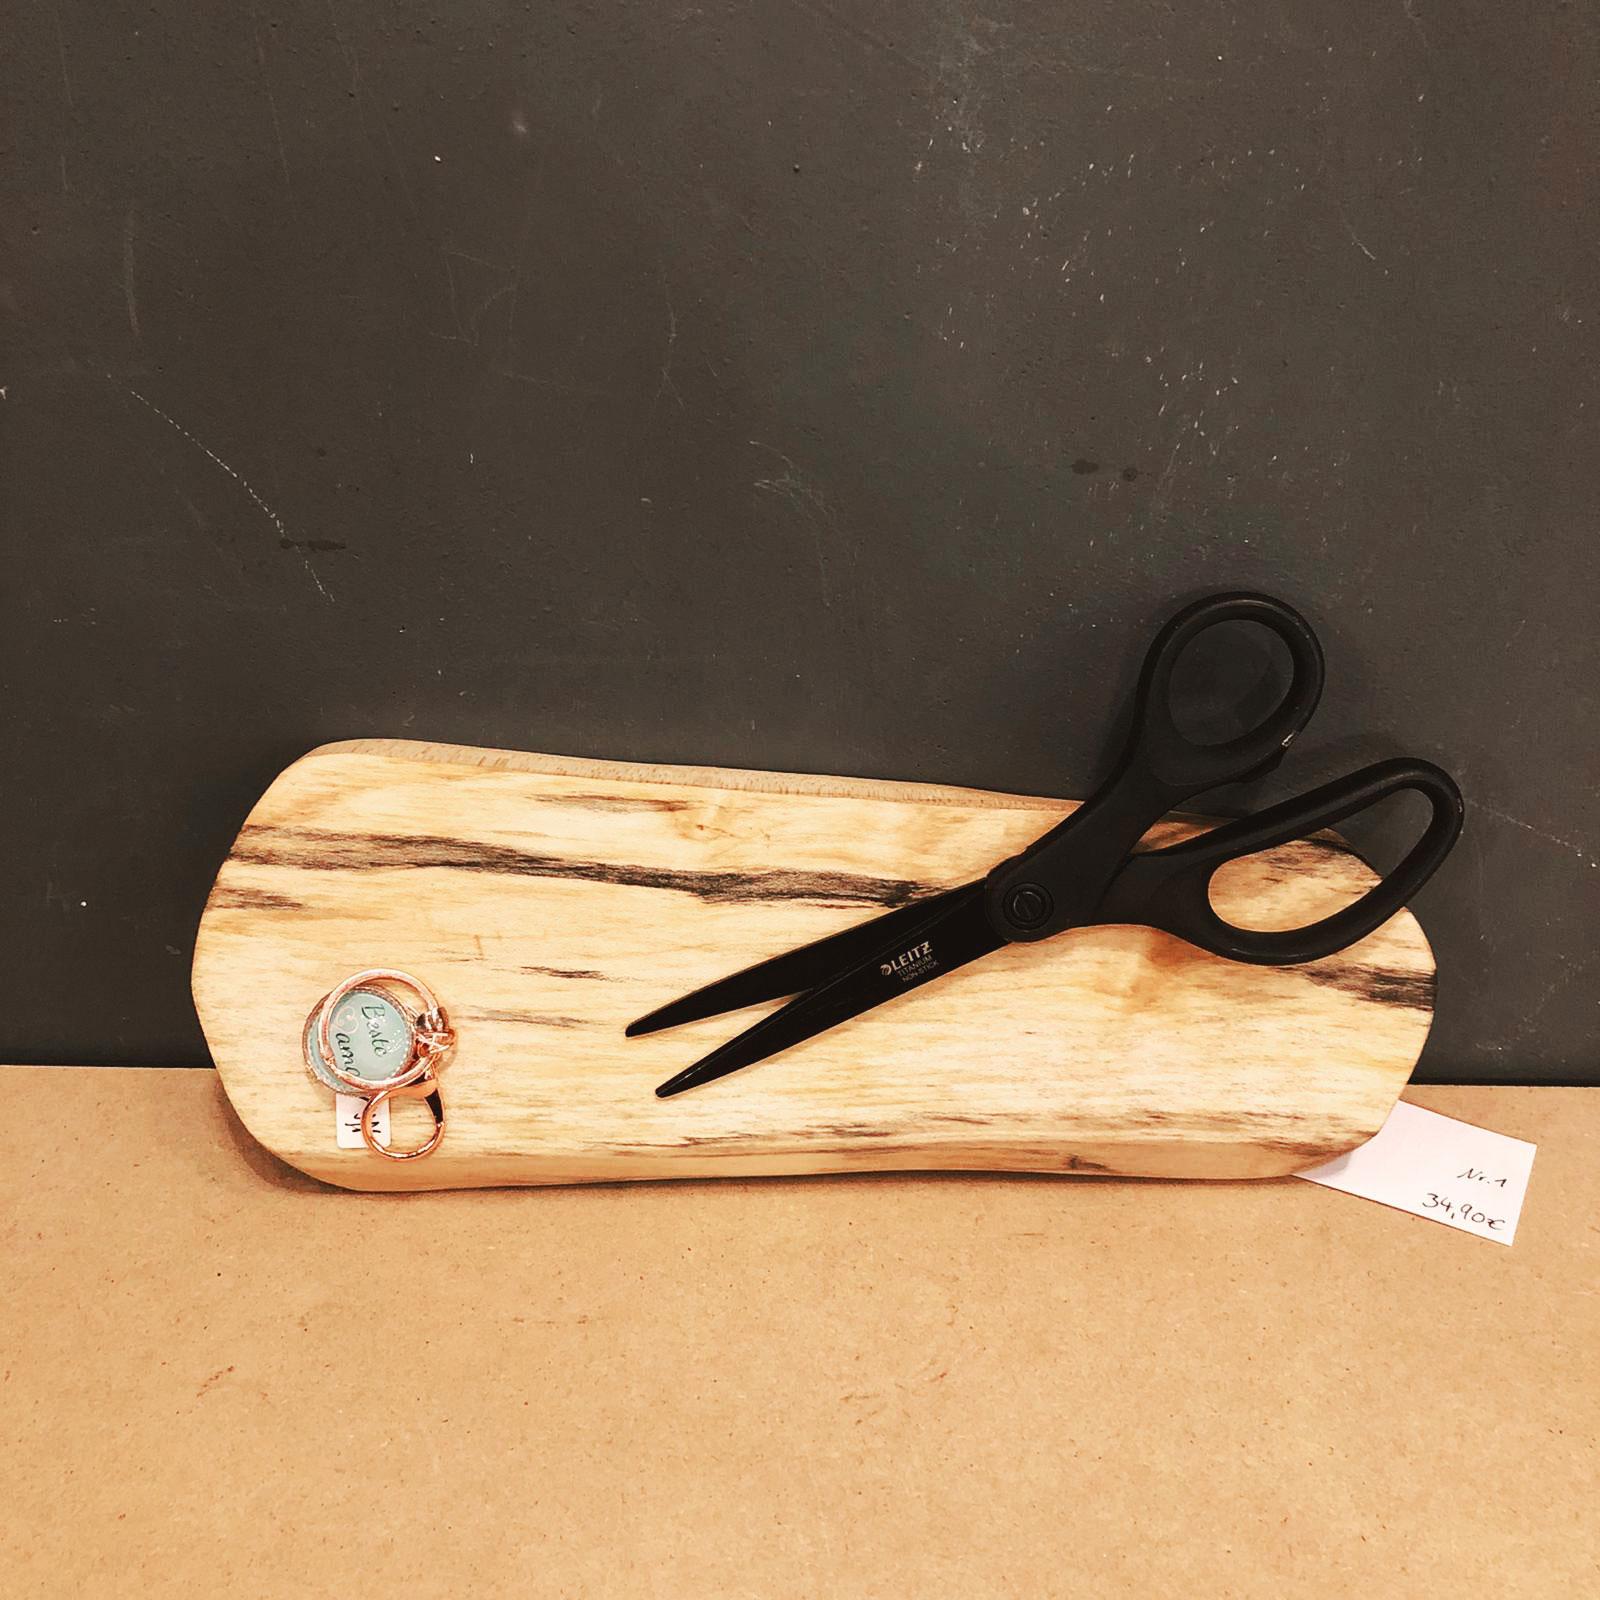 Joans X Schlüssel- oder Messerbrett